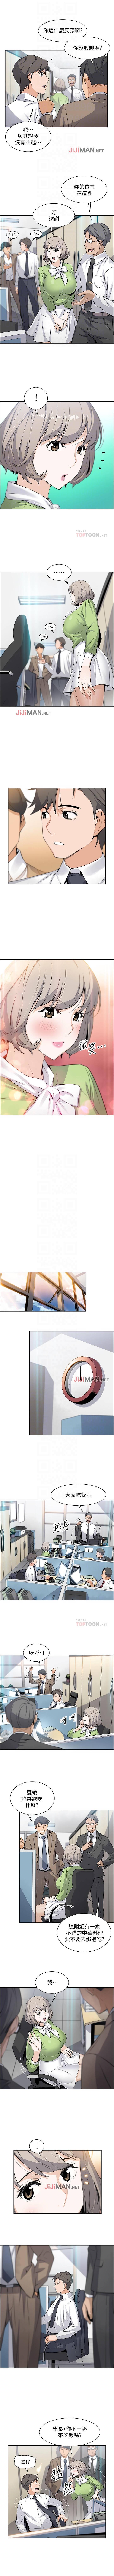 【周四连载】前女友变女佣(作者:PAPER&頸枕) 第1~33话 108